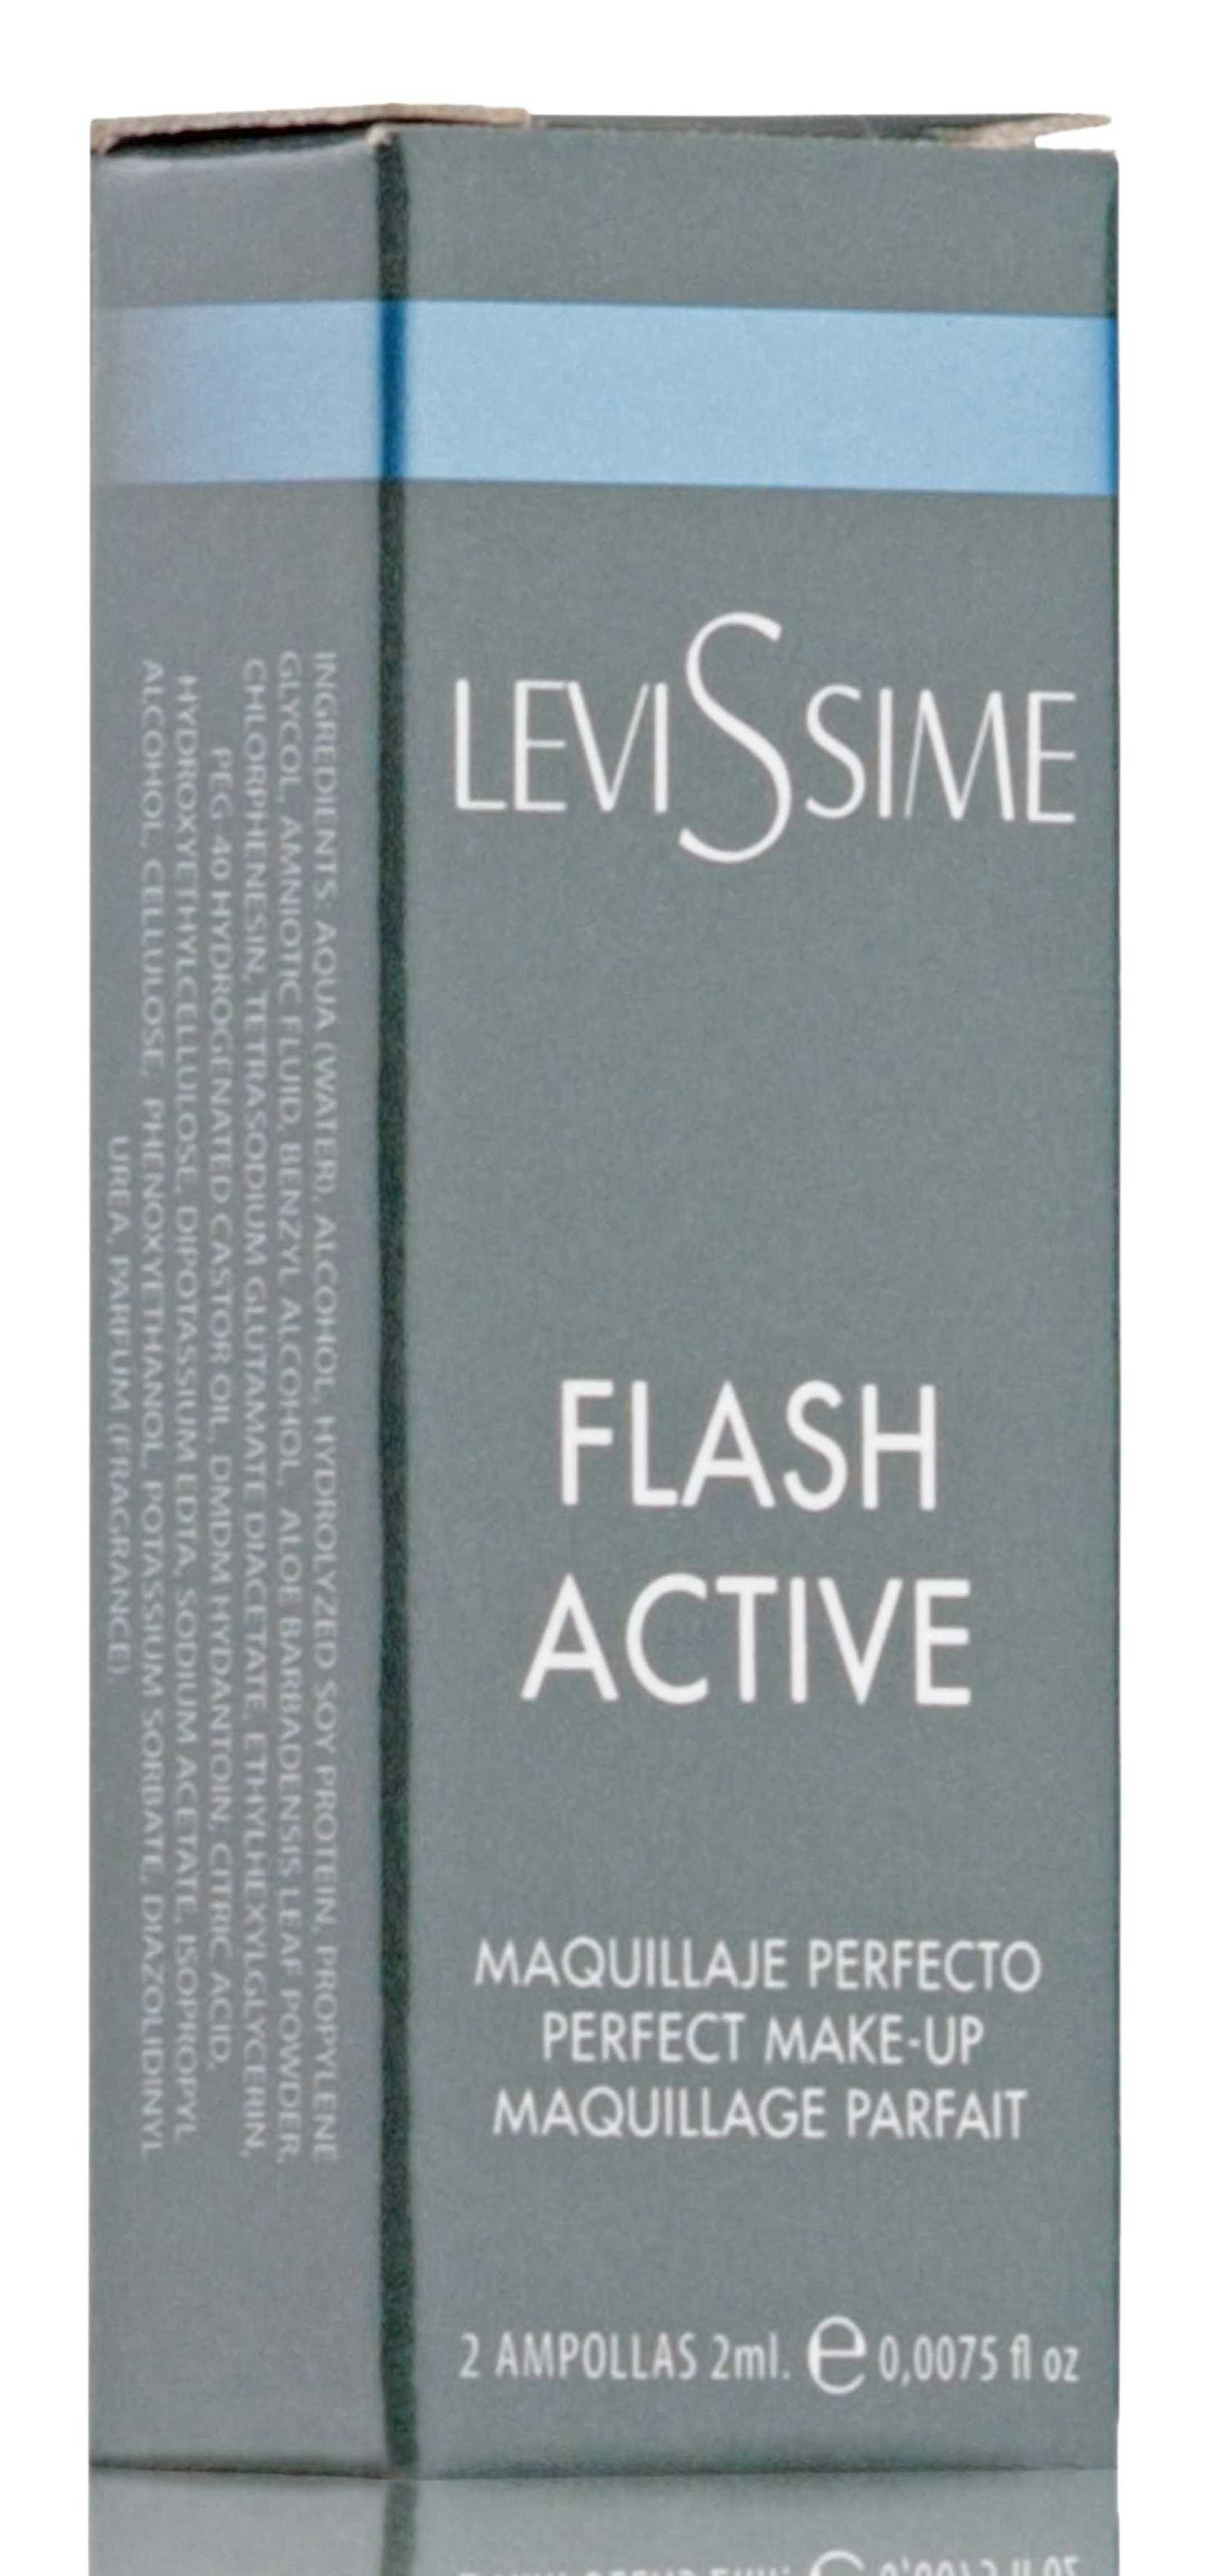 LEVISSIME Комплекс Мгновенное преображение / Flash Active 2*2 мл - Ампулы